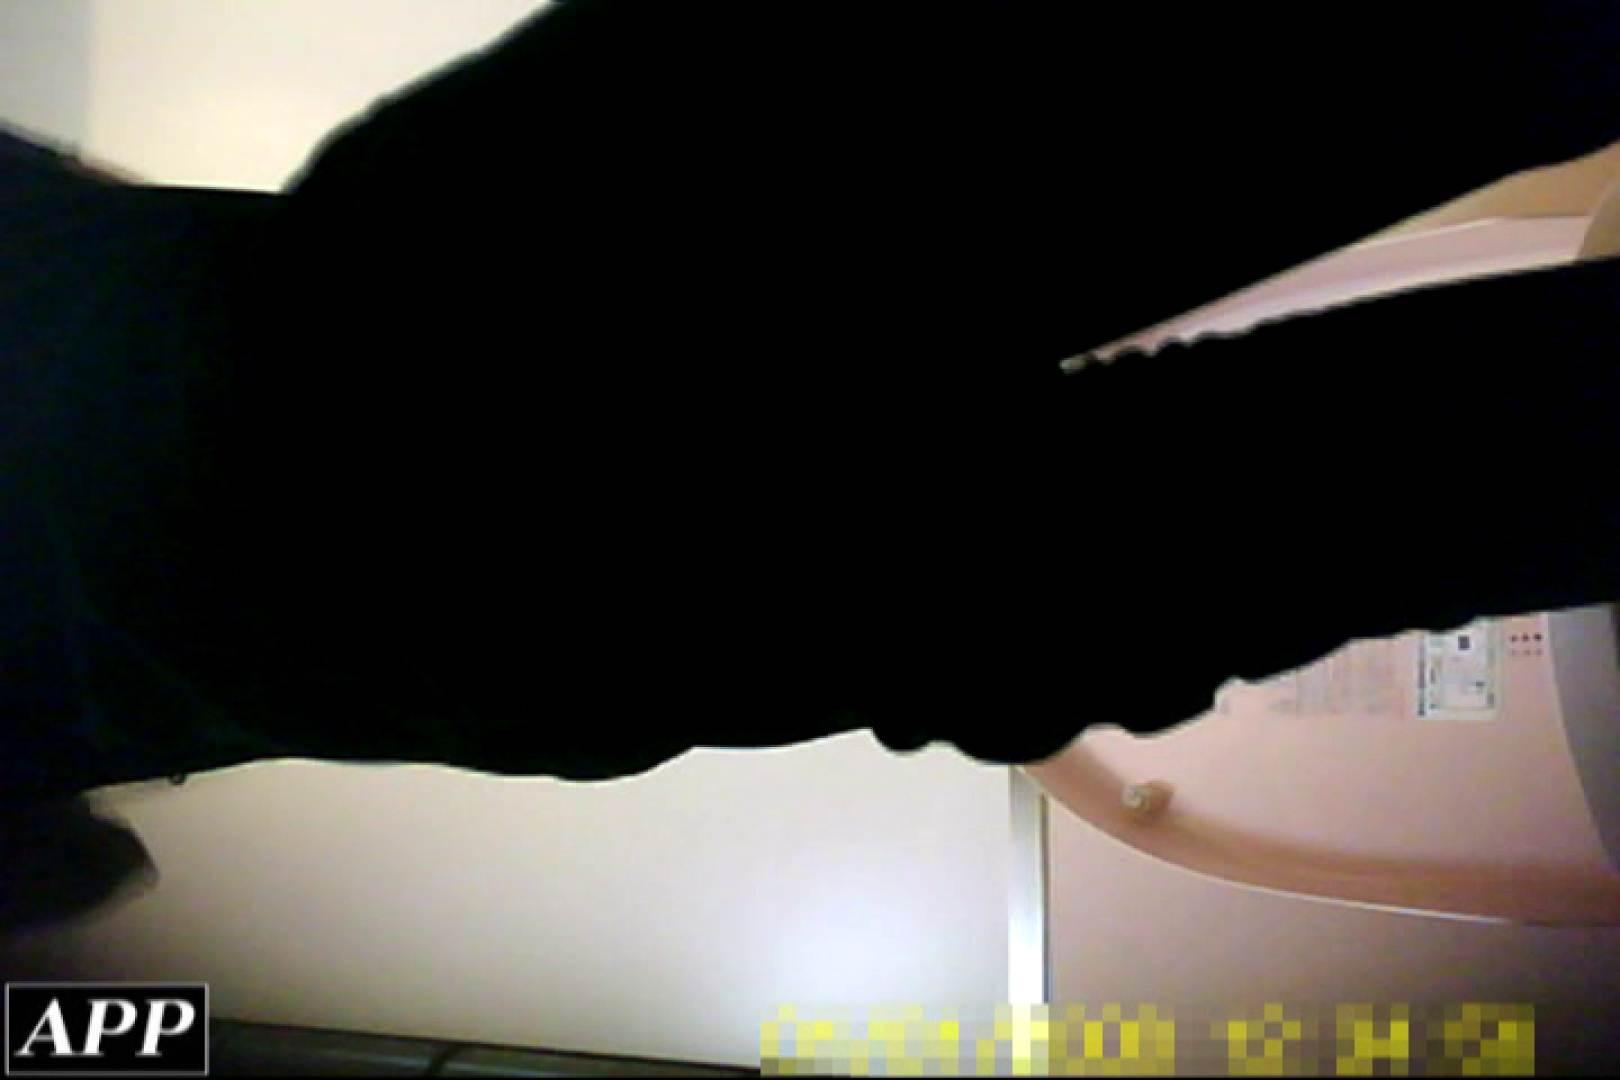 3視点洗面所 vol.100 オマンコ大好き おめこ無修正画像 57画像 4